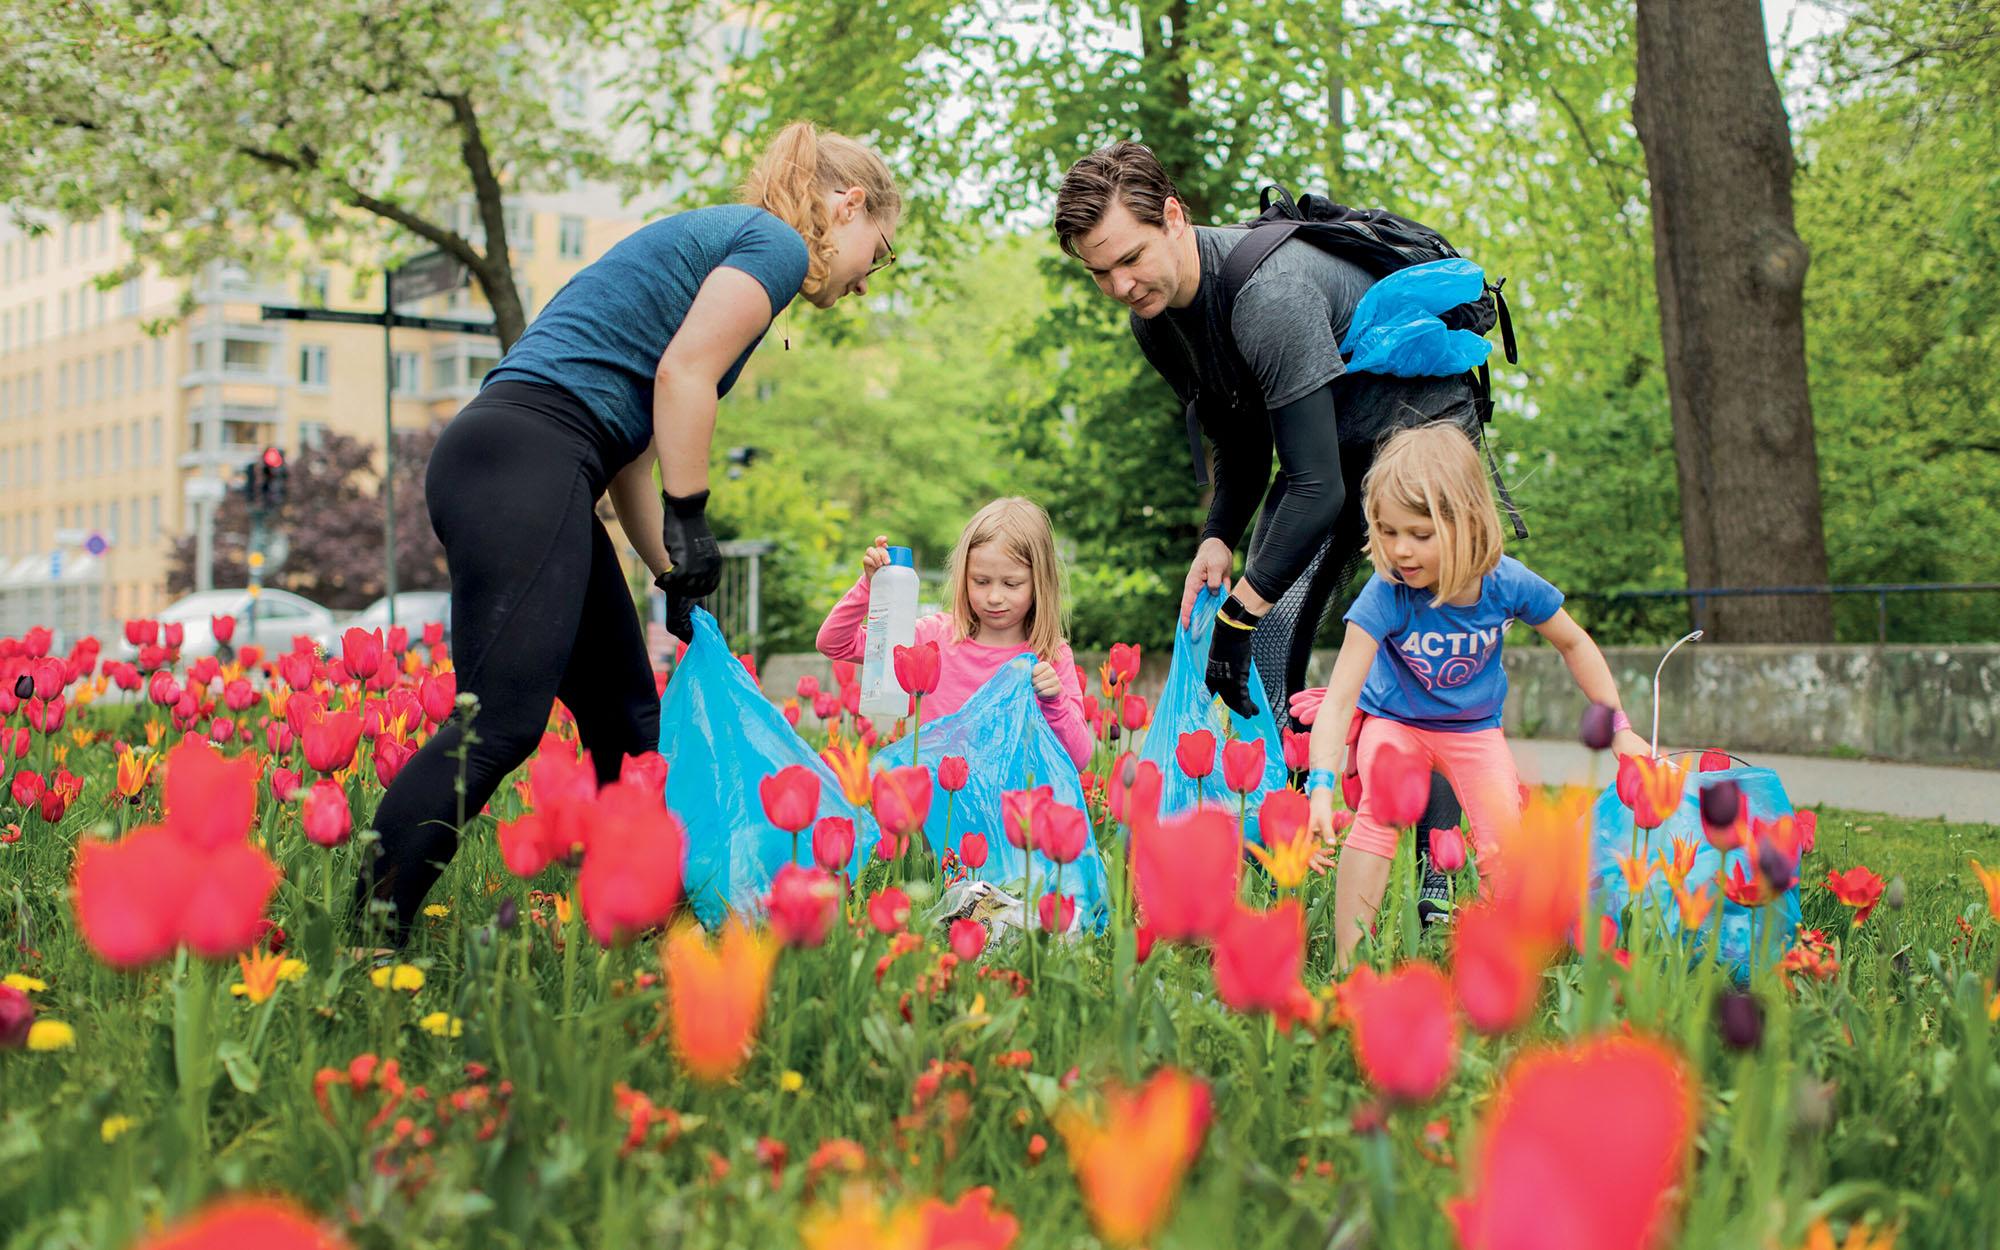 đổi mới sáng tạo gia đình đang nhặt rác tại vườn hoa